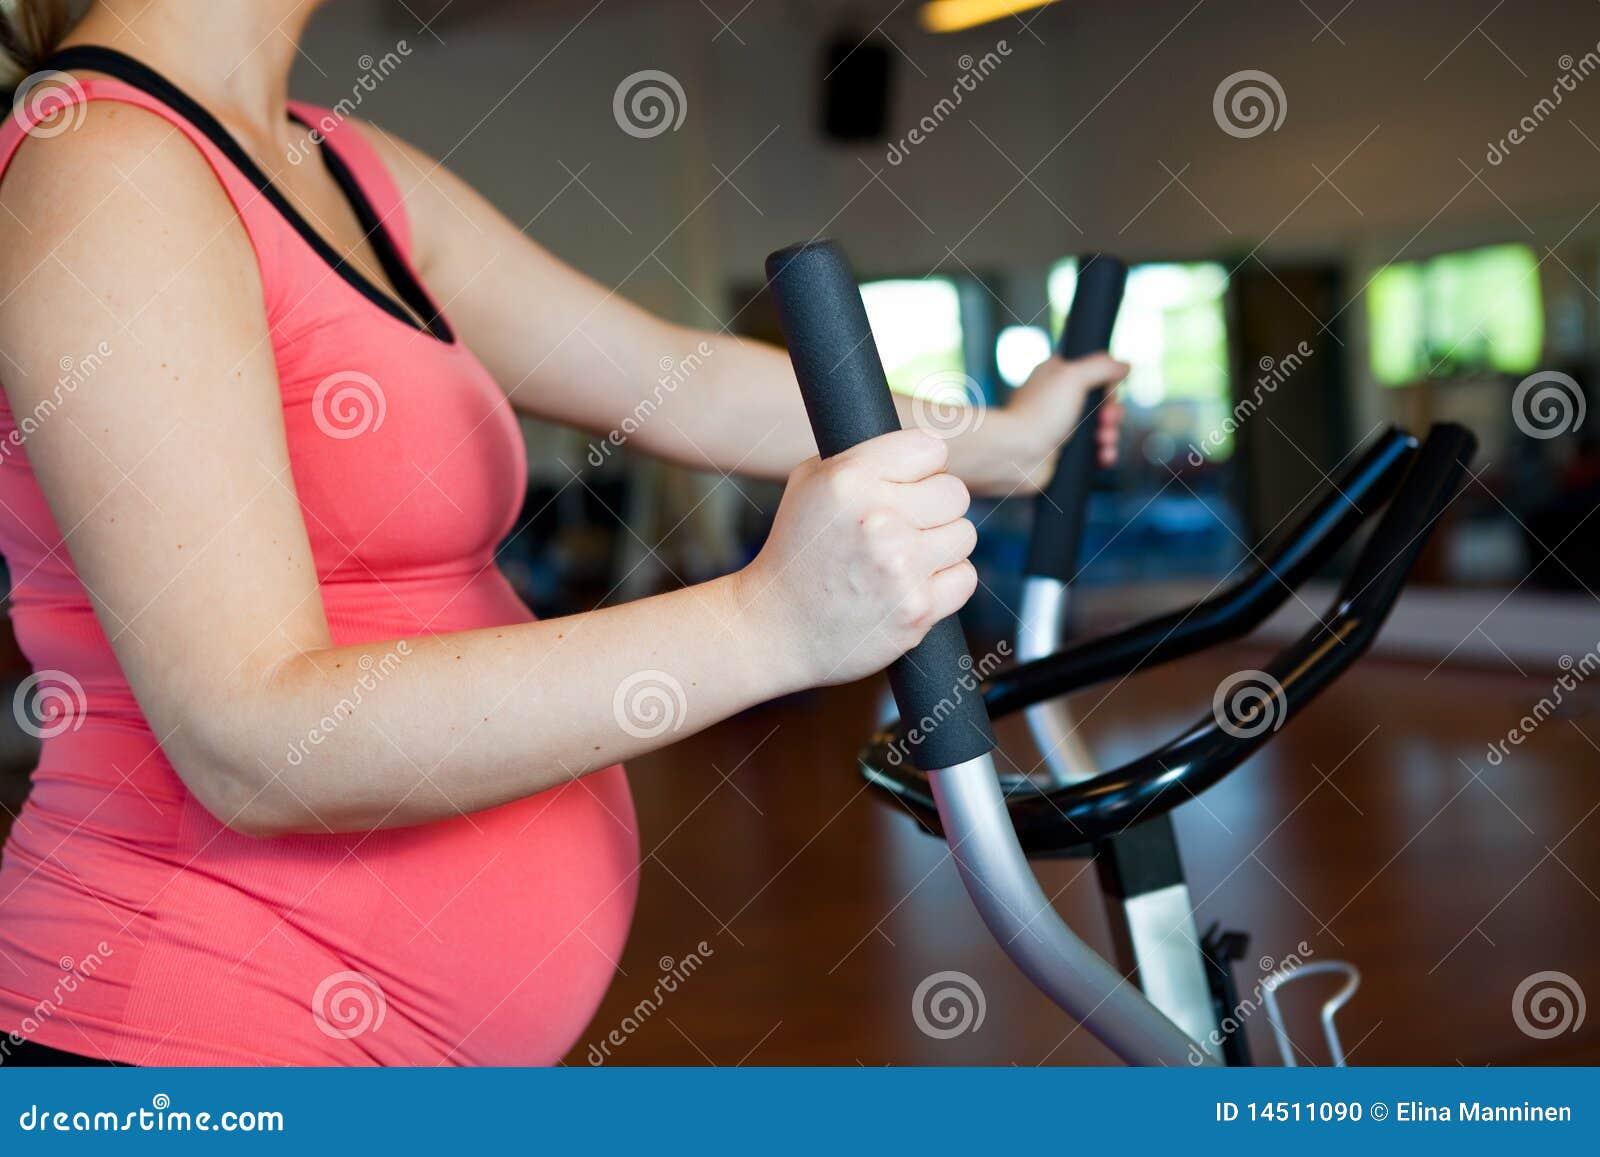 сердечнососудистая делая беременная женщина тренировки